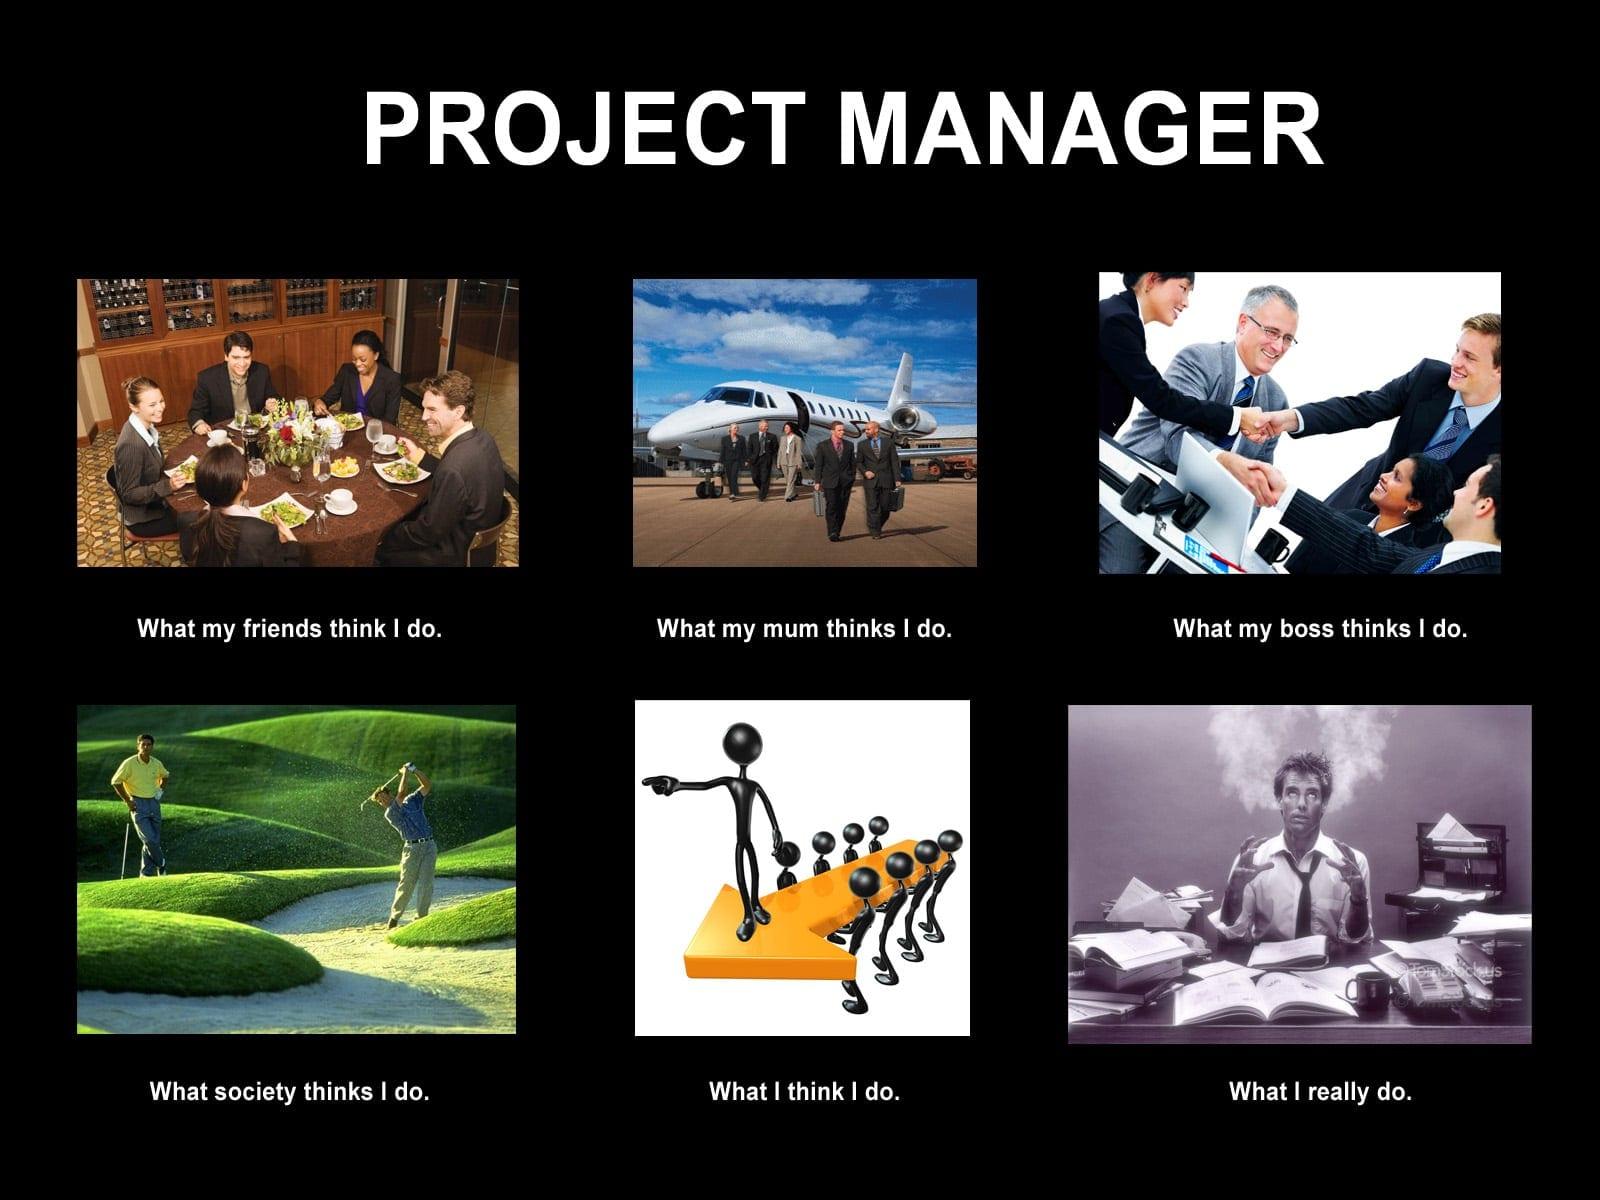 L'importance cruciale de la personnalité dans le rôle de chef de projets 1